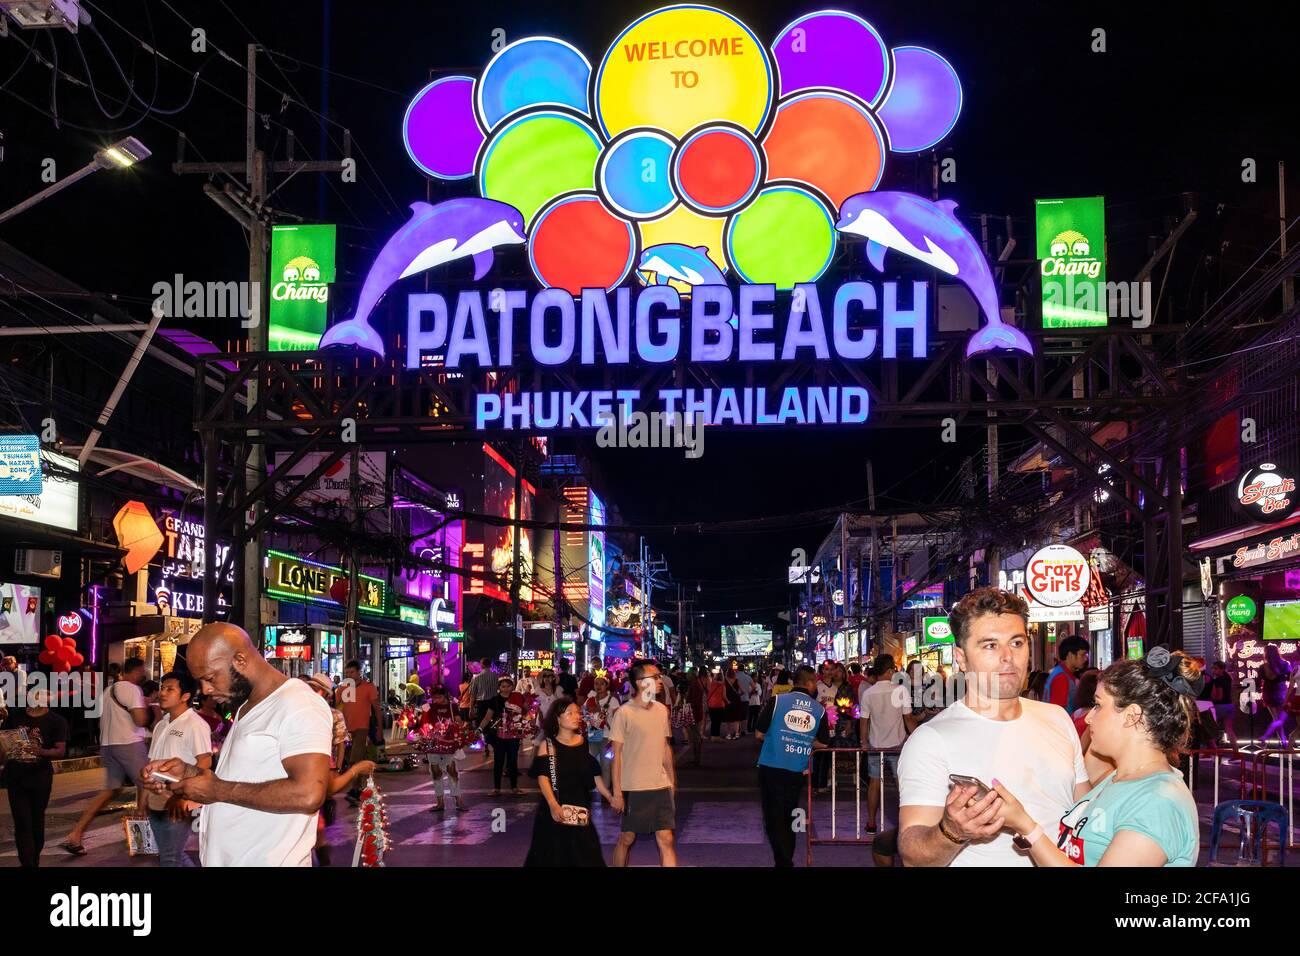 Enseigne au néon à l'entrée de la rue Bangla Road Walking Street, Patong Beach, Phuket, Thaïlande Banque D'Images